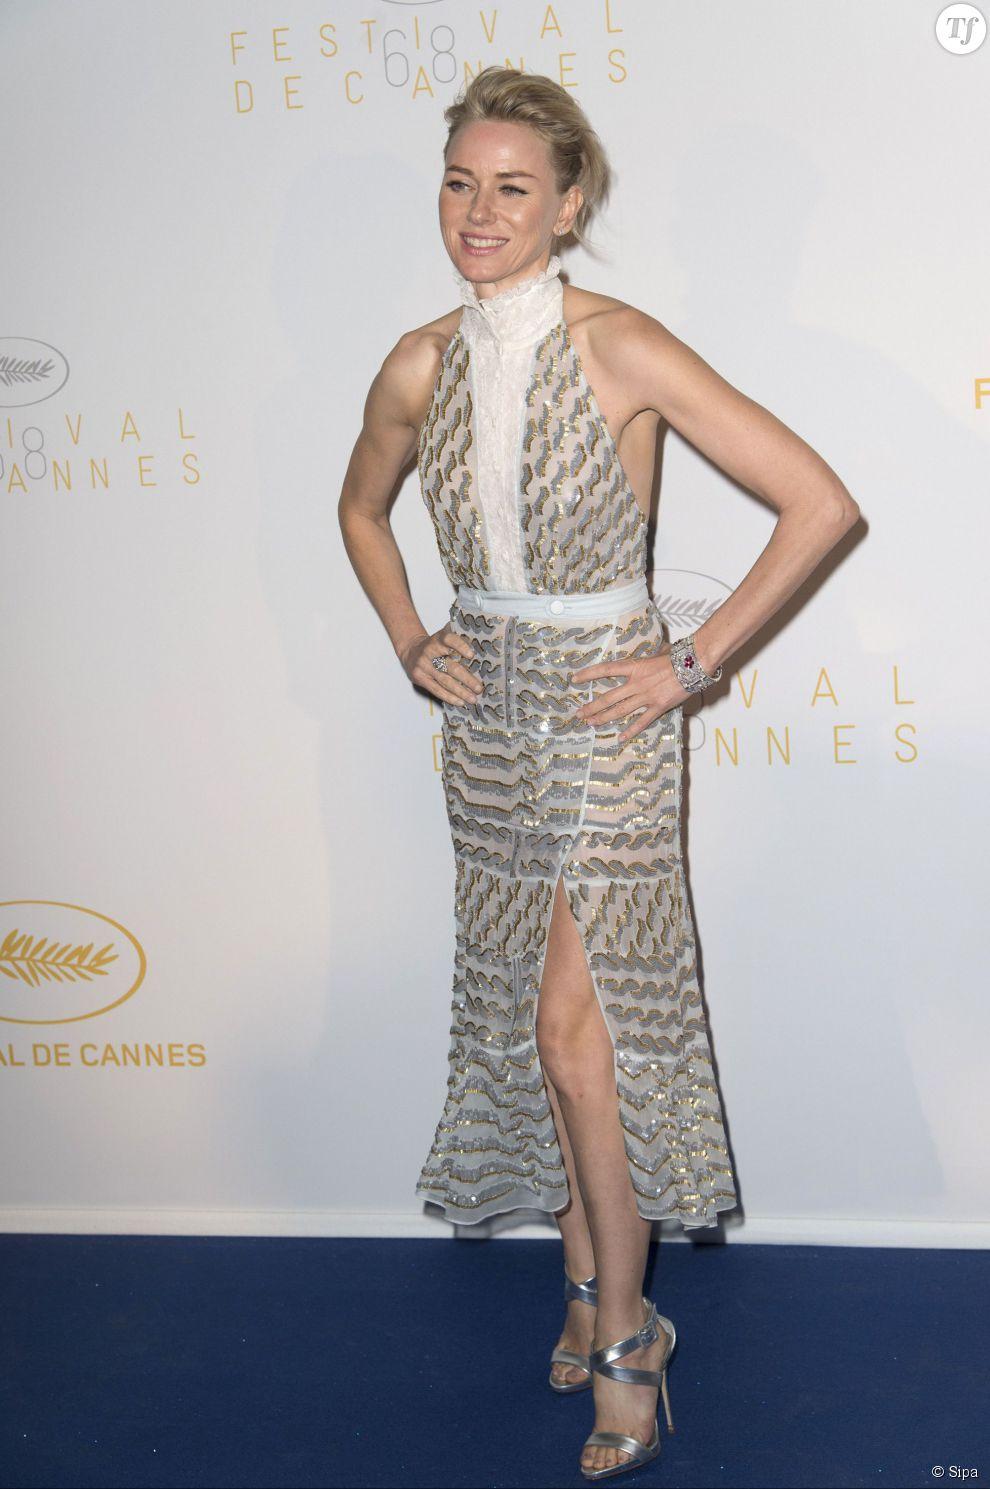 Naomi Watts lors de la cérémonie d'ouverture du Festival de Cannes 2015 le 13 mai 2015